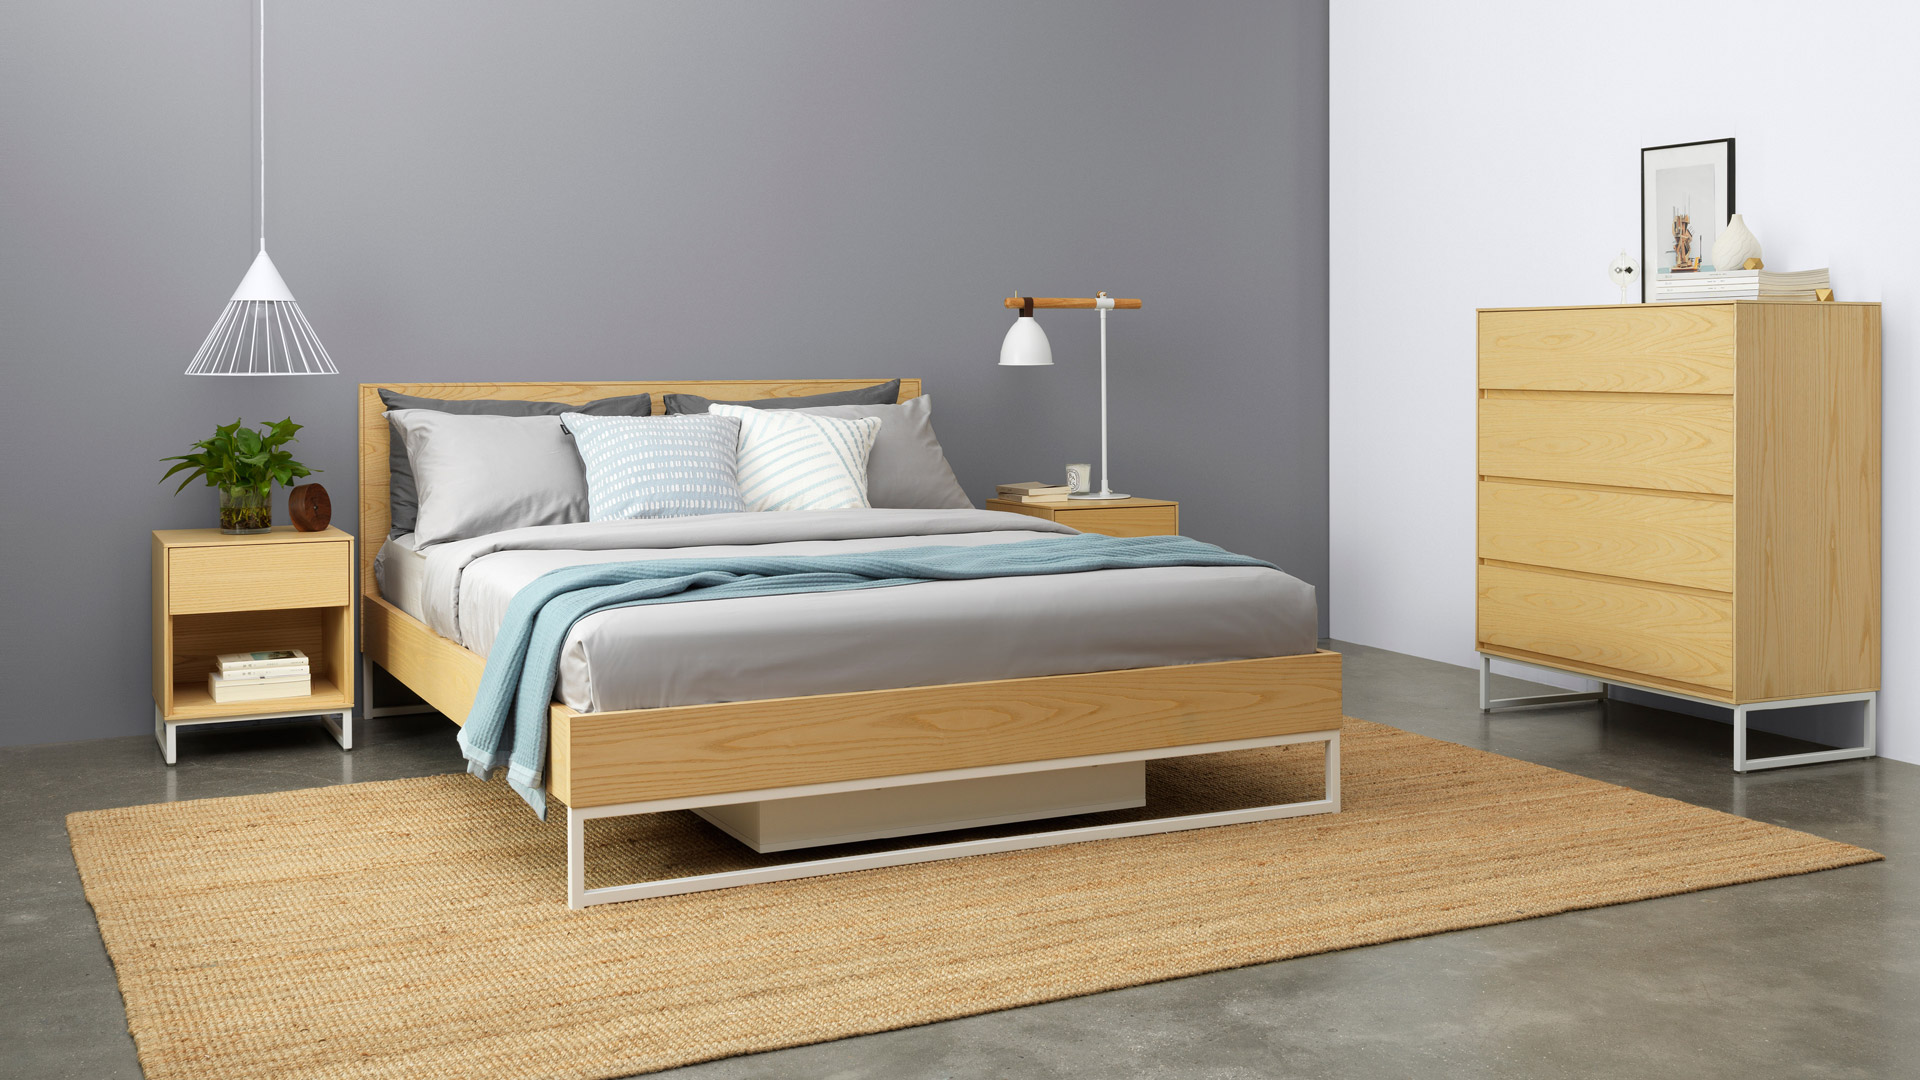 用画板套系为卧室铺开大面积木色,温暖的原木触感,简单的线条勾画,睡眠氛围也得自然韵律,更快沉入安睡状态。